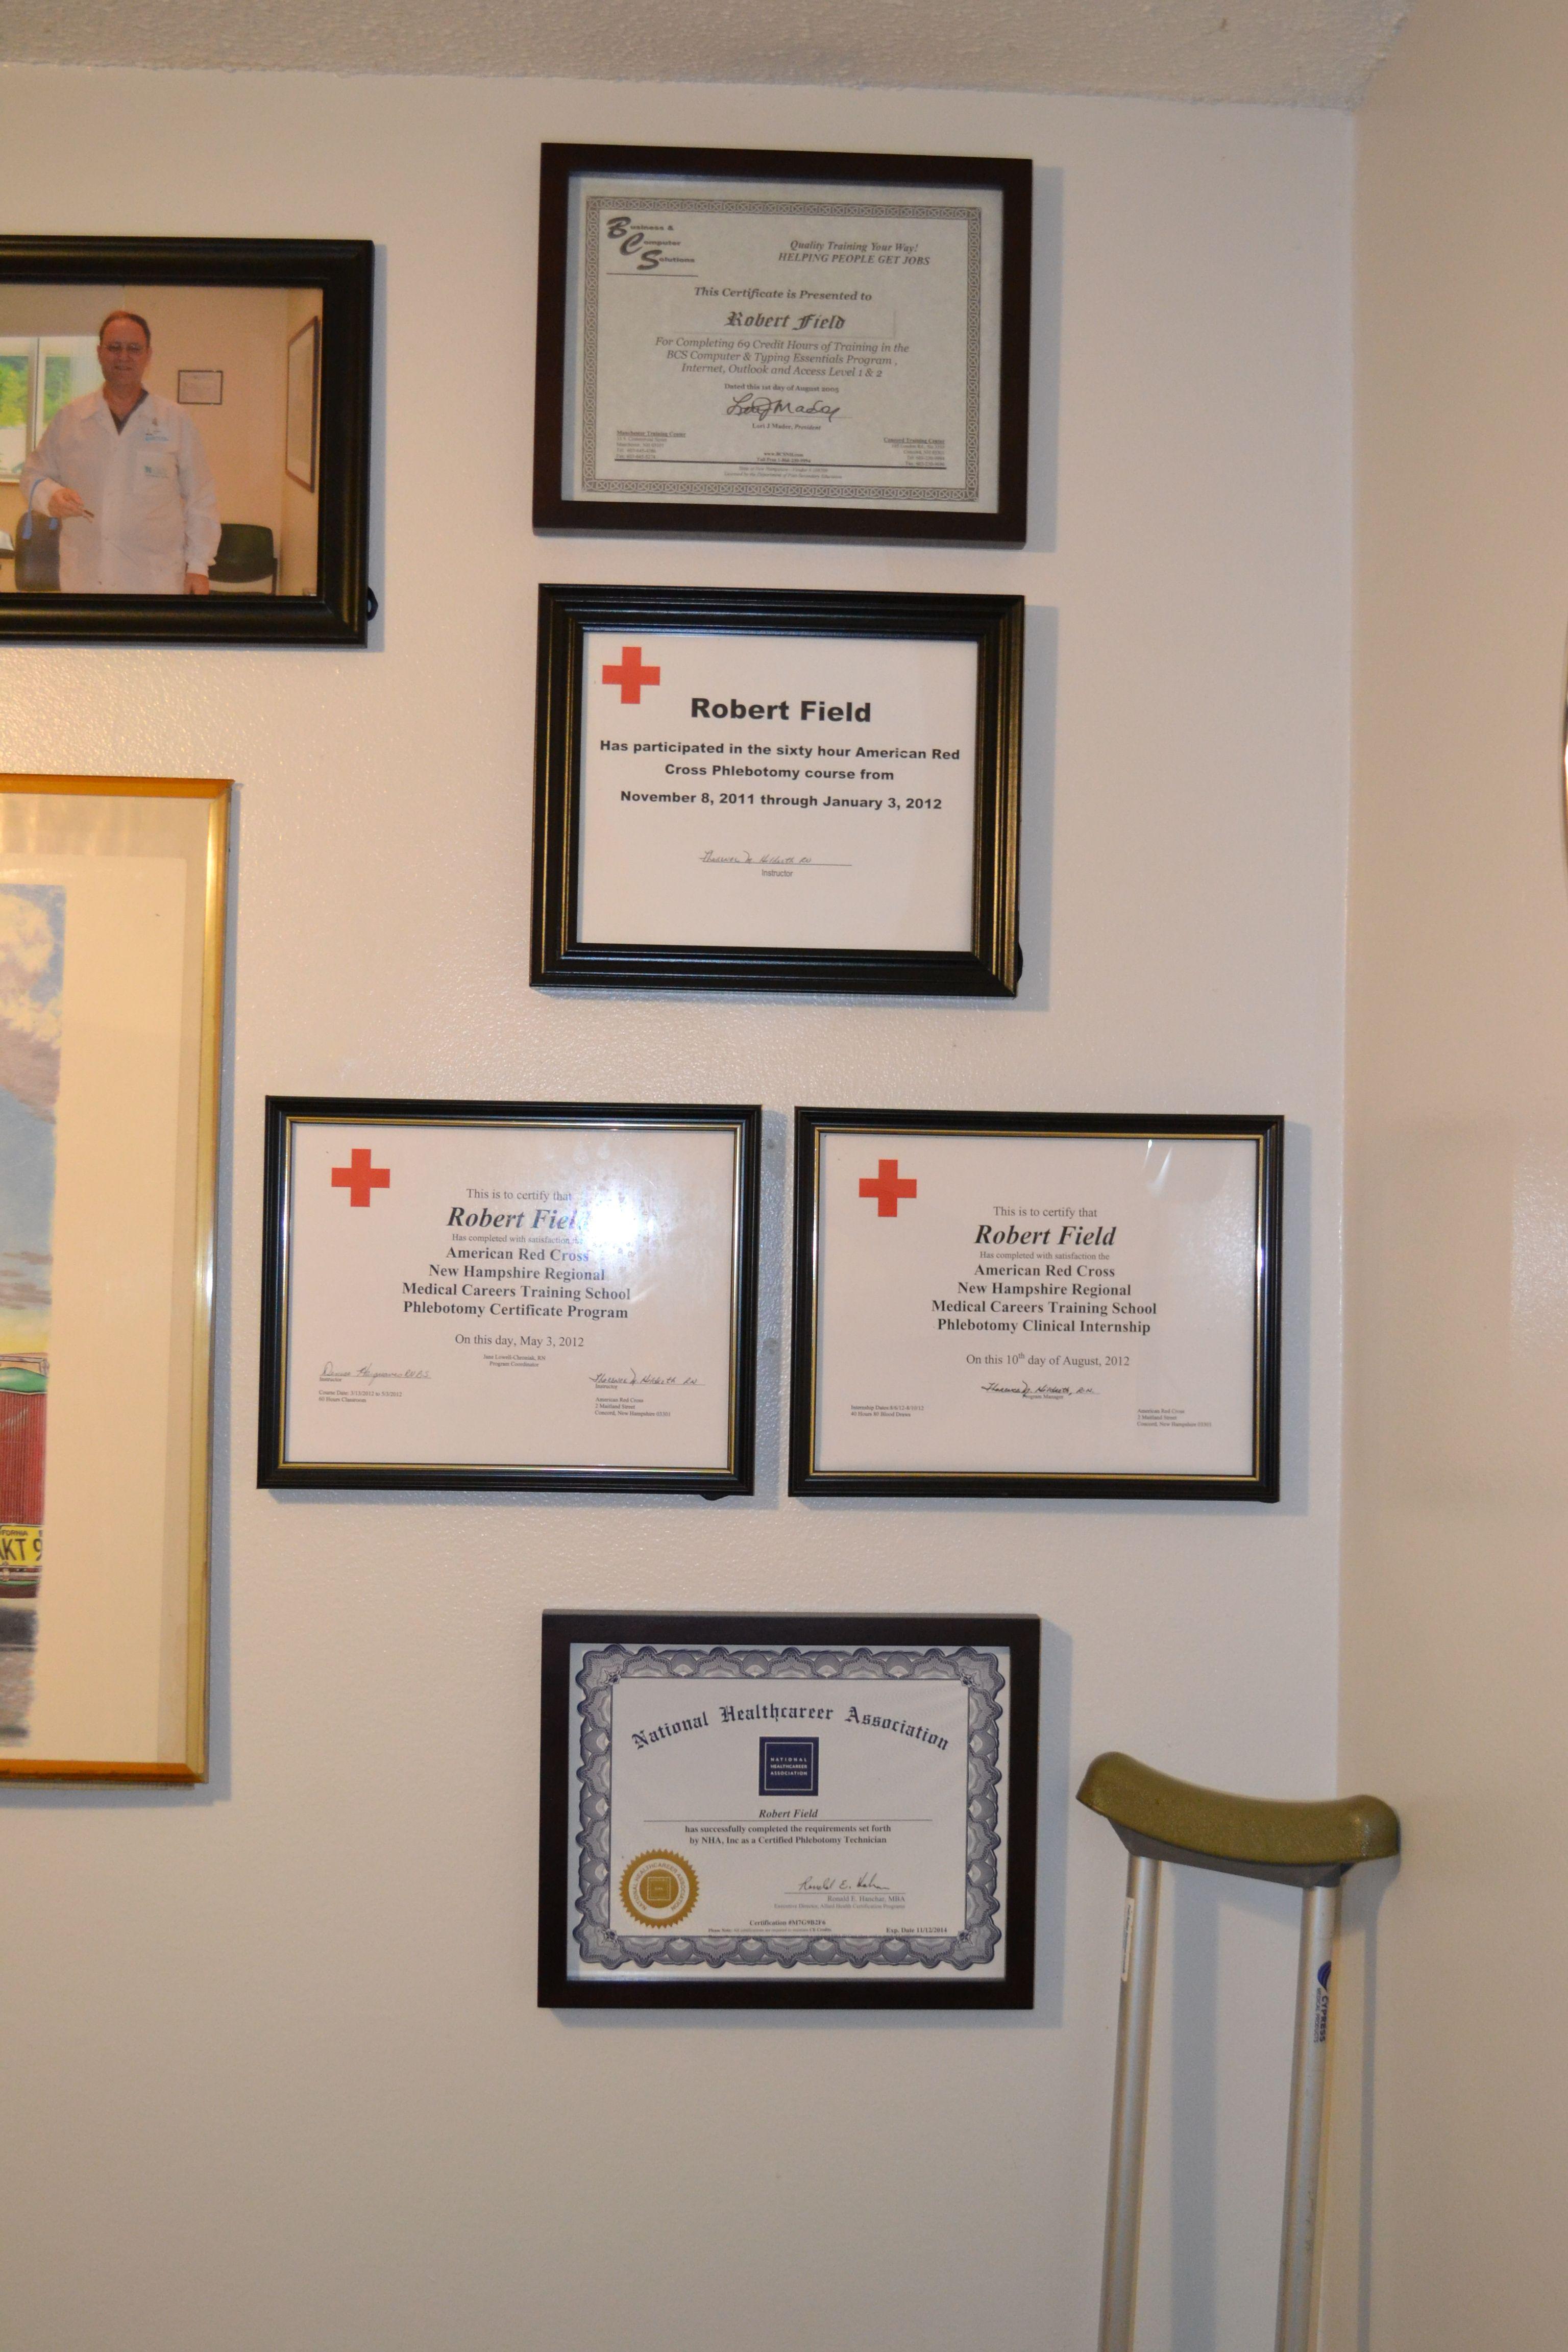 42 best 2012 american red cross phlebtomy medical school photos 42 best 2012 american red cross phlebtomy medical school photos images on pinterest medical school school photos and school pictures xflitez Images